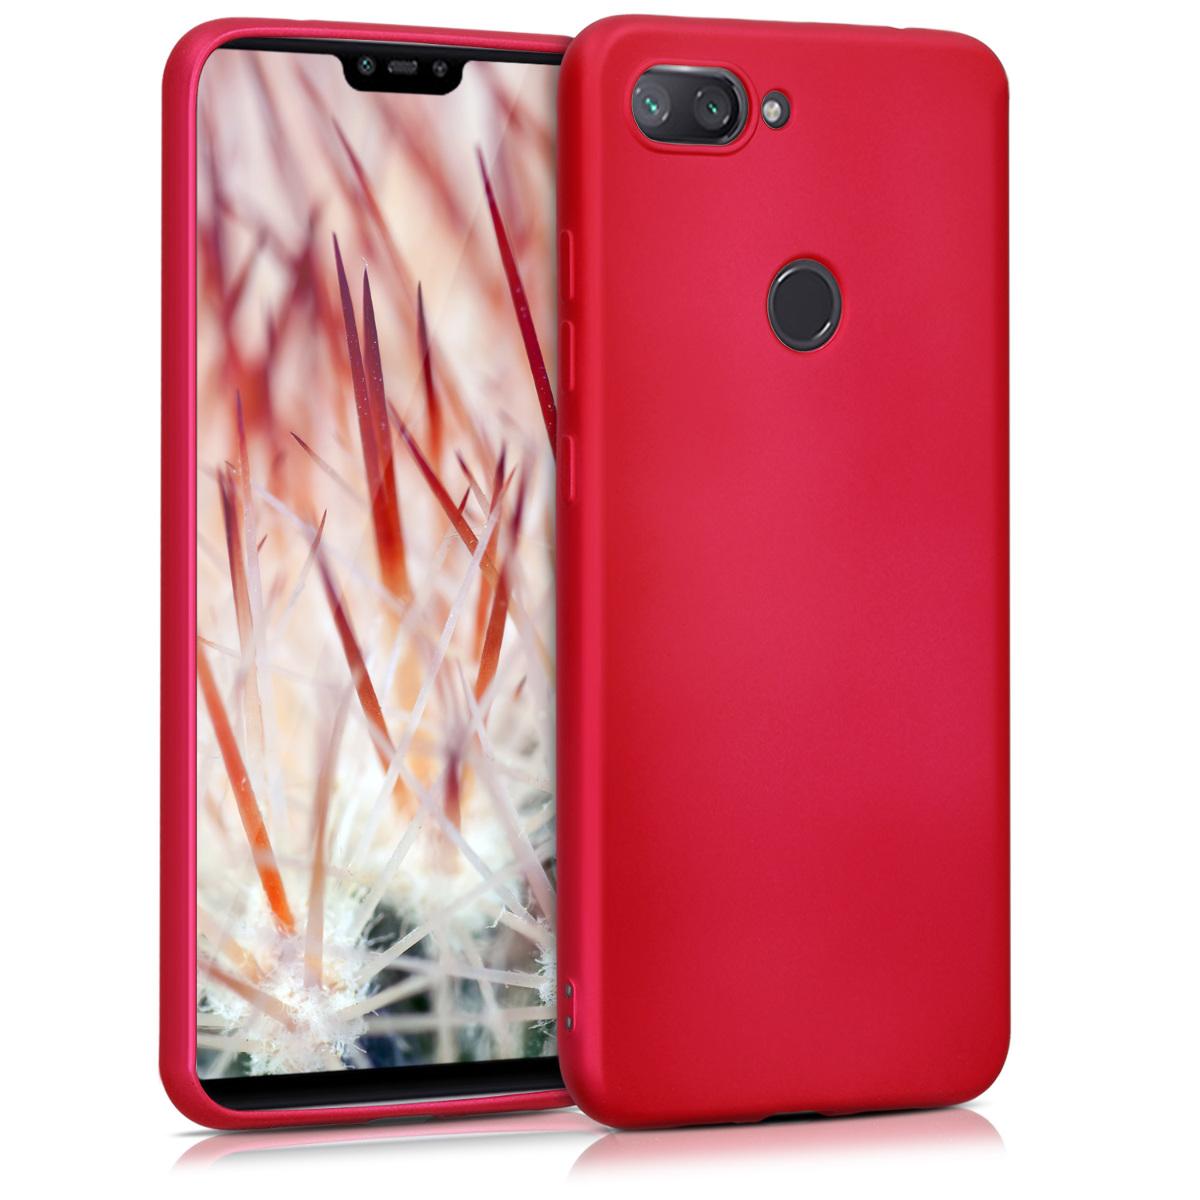 KW Θήκη Σιλικόνης Xiaomi Mi 8 Lite - Metallic Pink (47930.65)